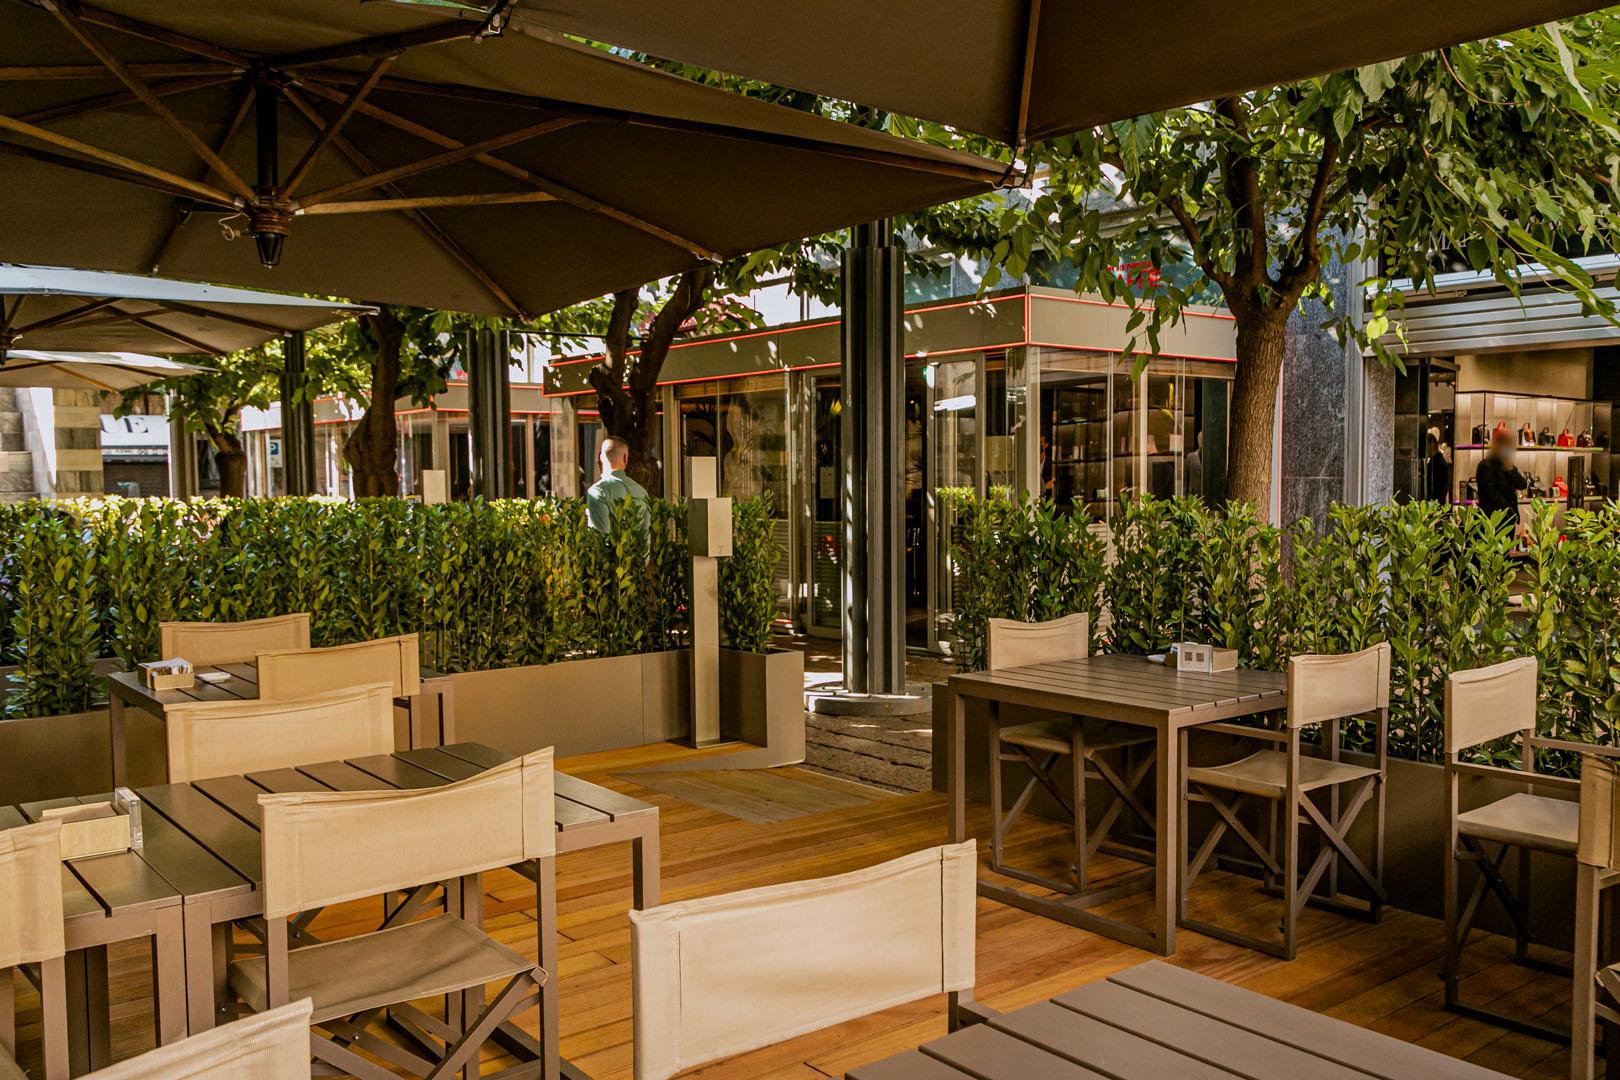 I migliori ristoranti con giardino di Milano